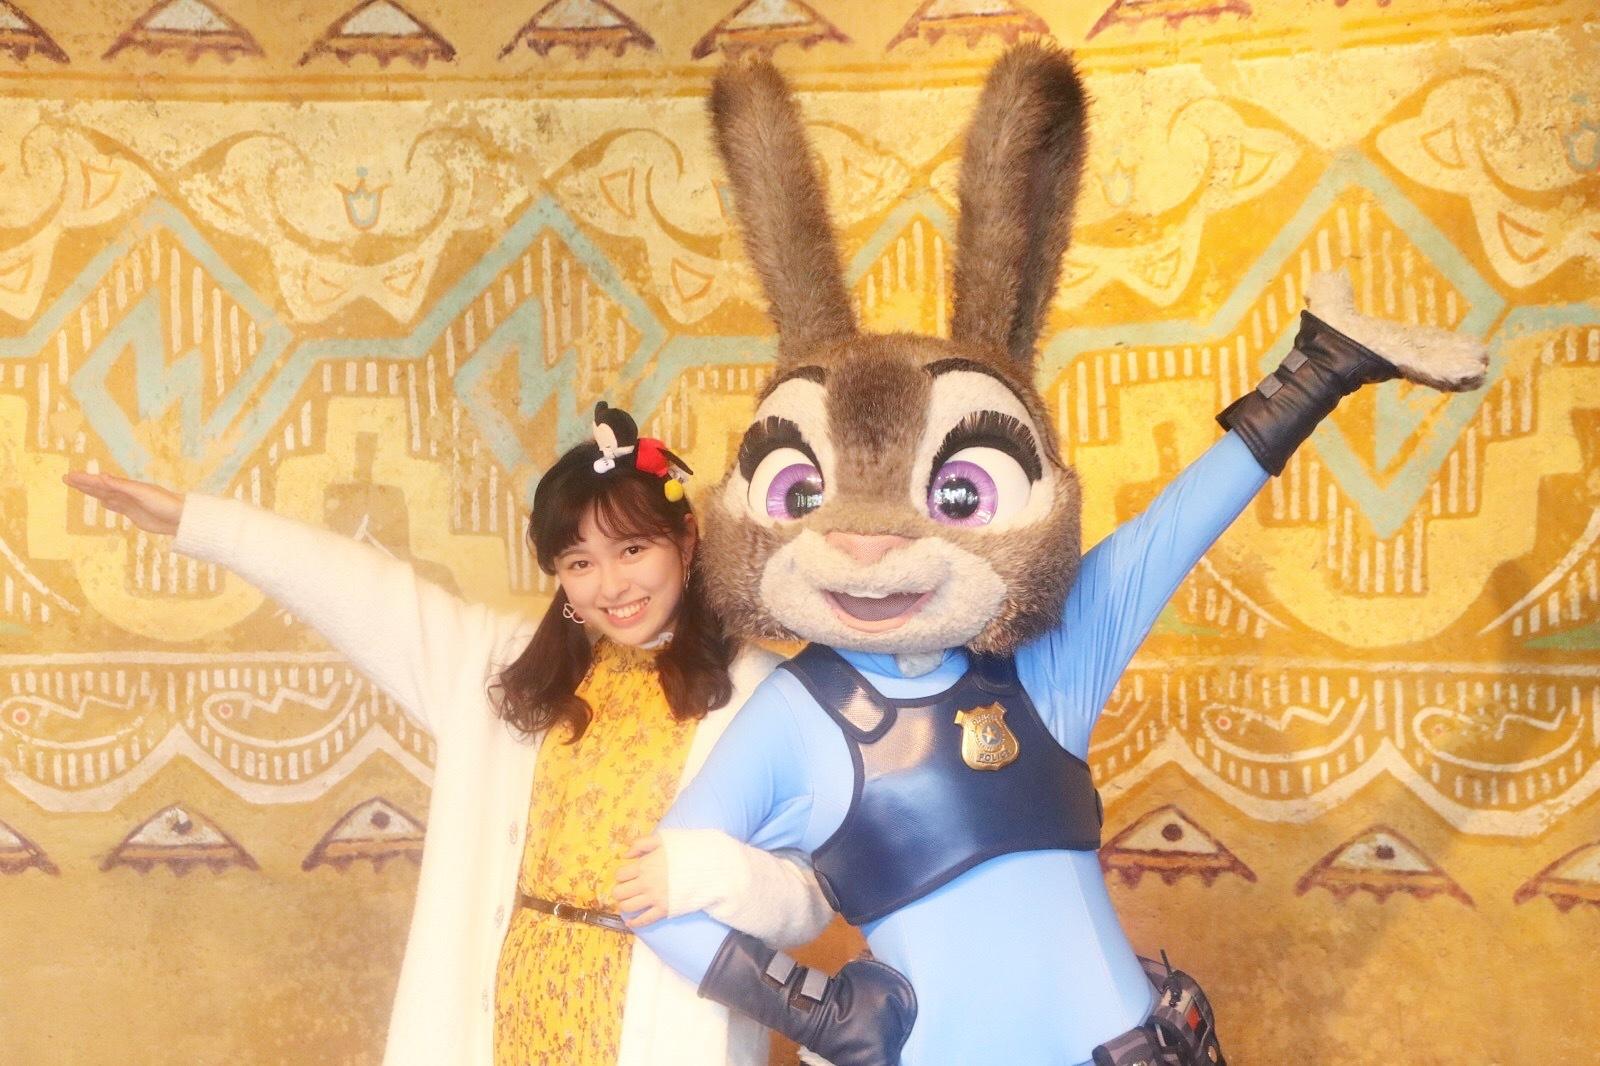 上海ディズニーランドで会えるキャラクターたちをご紹介します♡_1_5-1